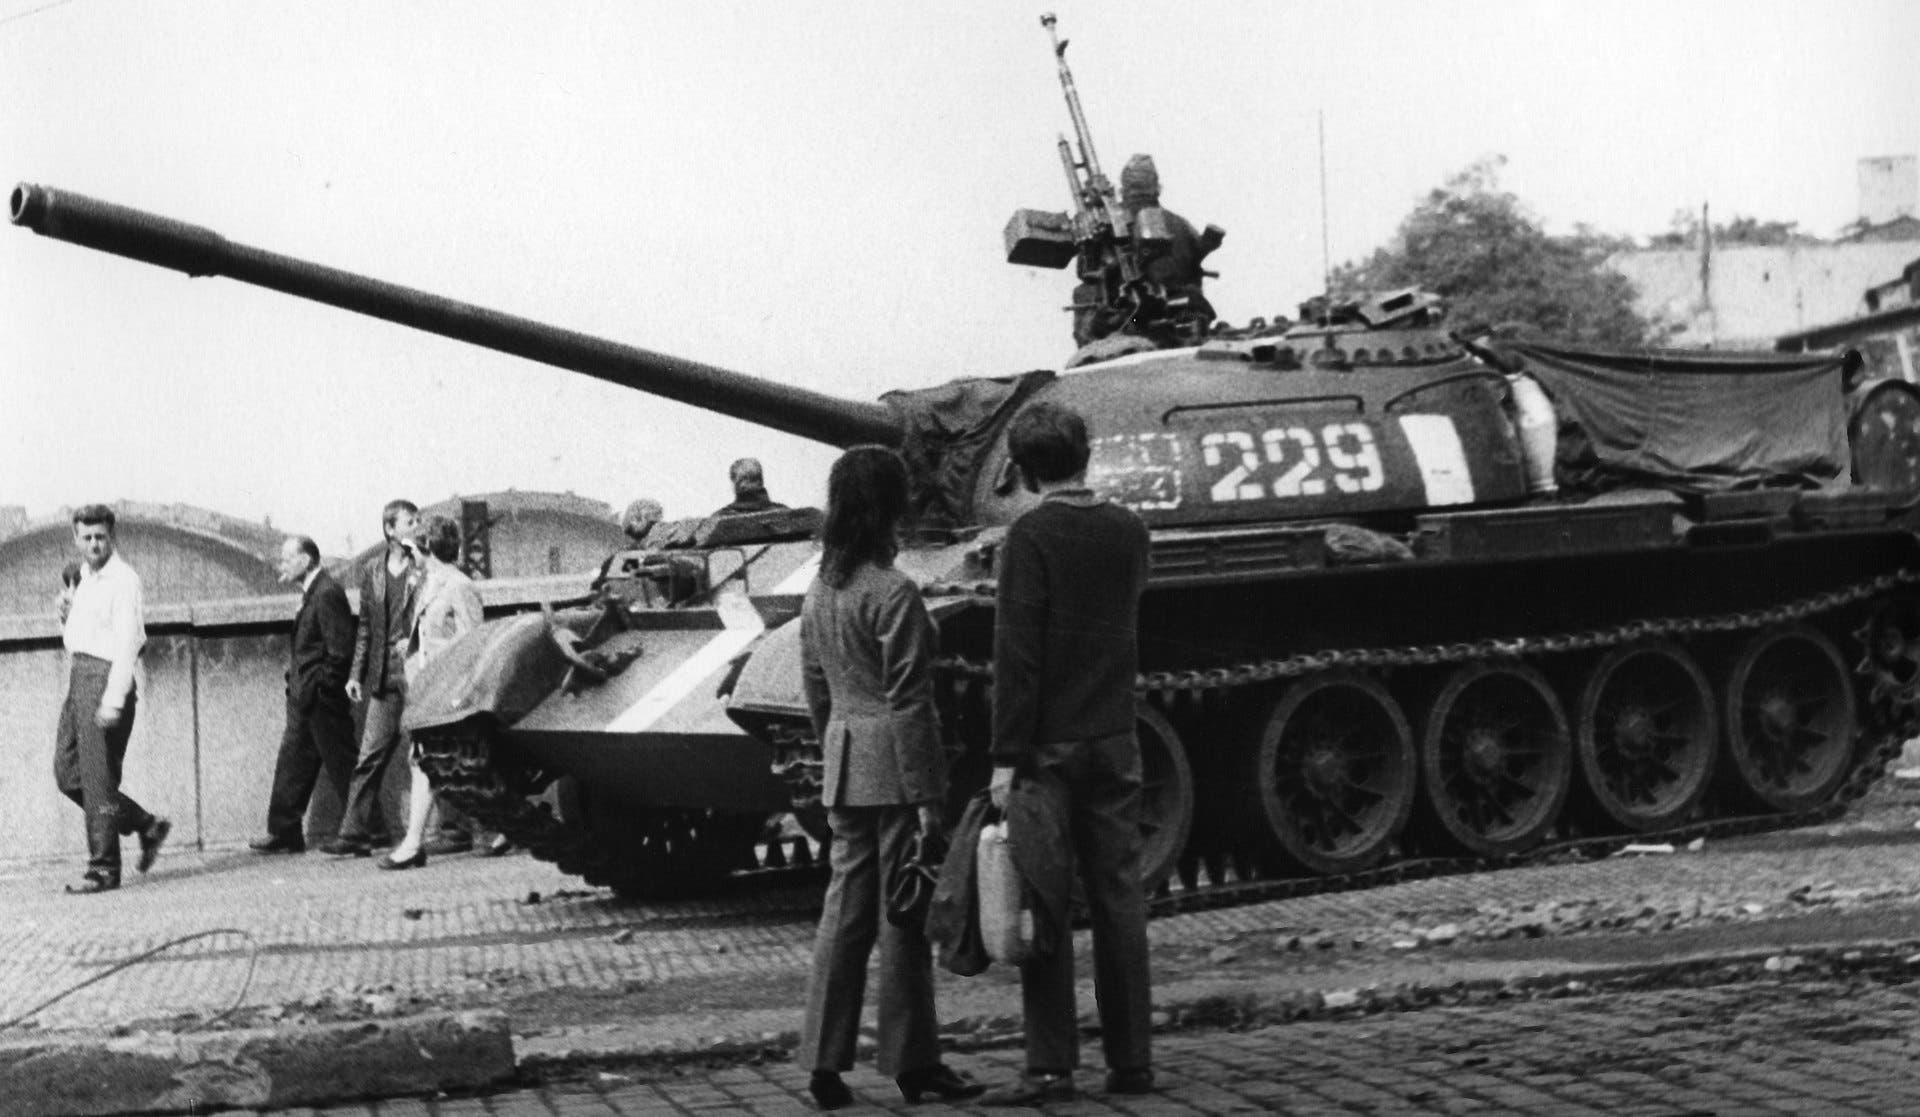 دبابة سوفيتية عقب التدخل بتشيكوسلوفاكيا عام 1968